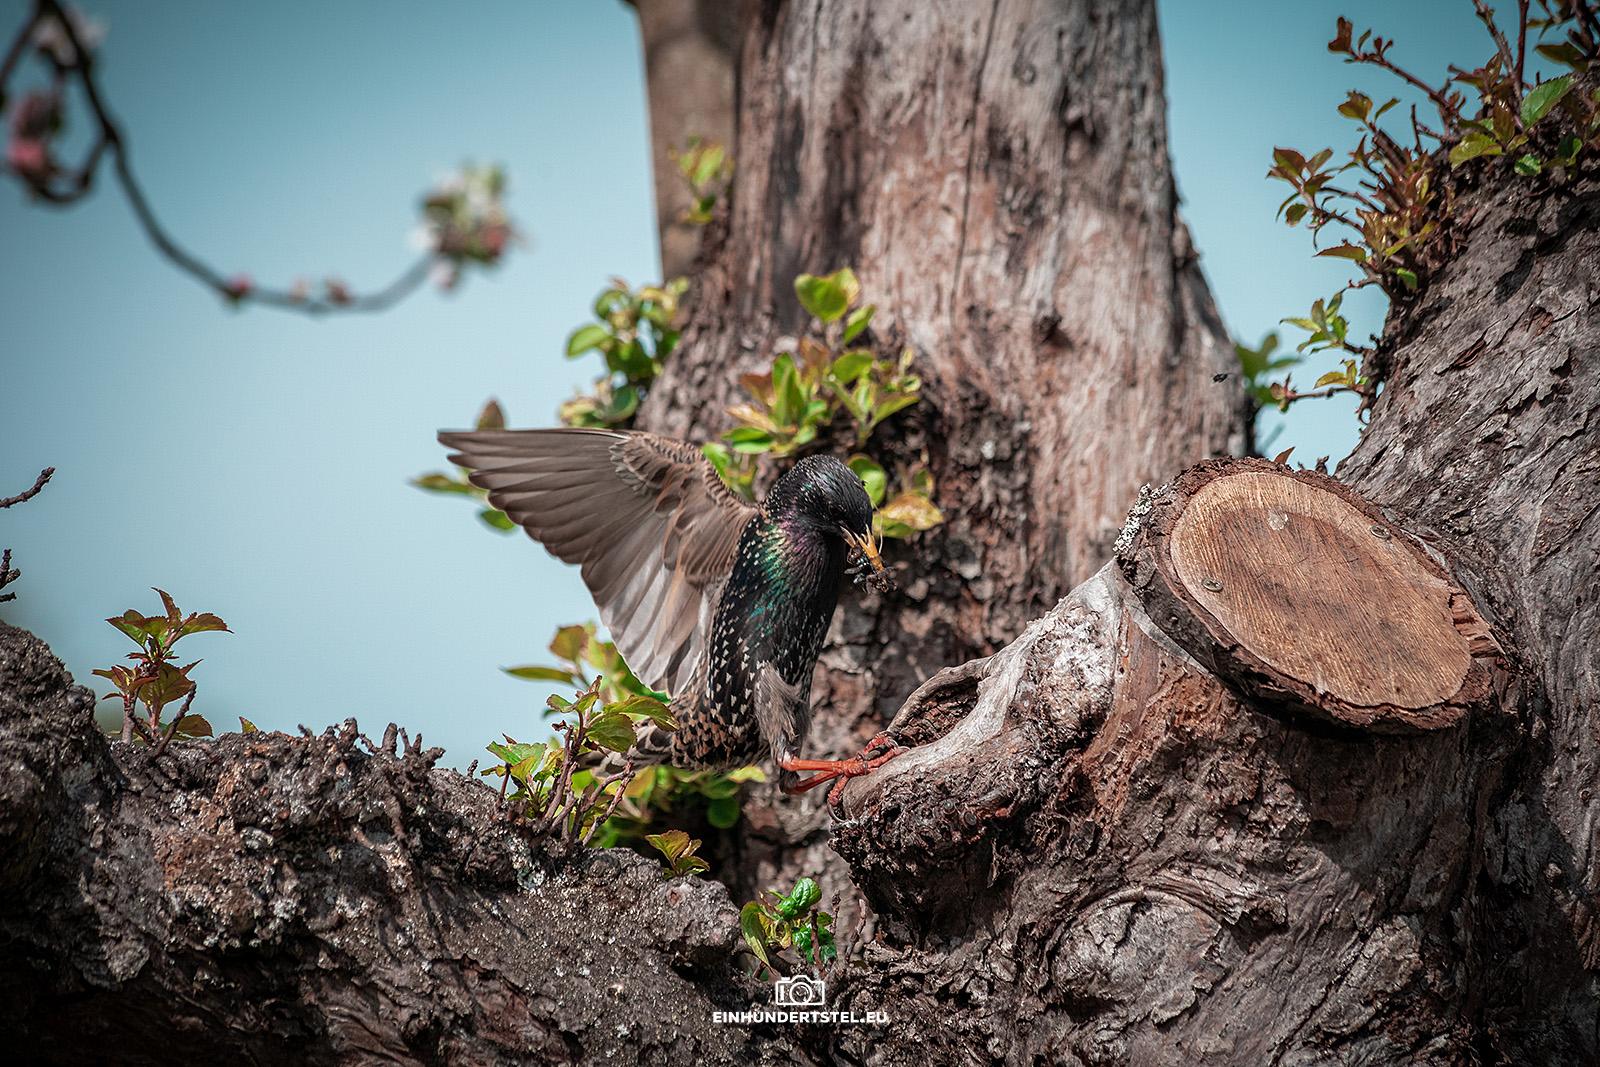 Der Star breitet seine Flügel aus um den Anflug auf das Nest abzubremsen.